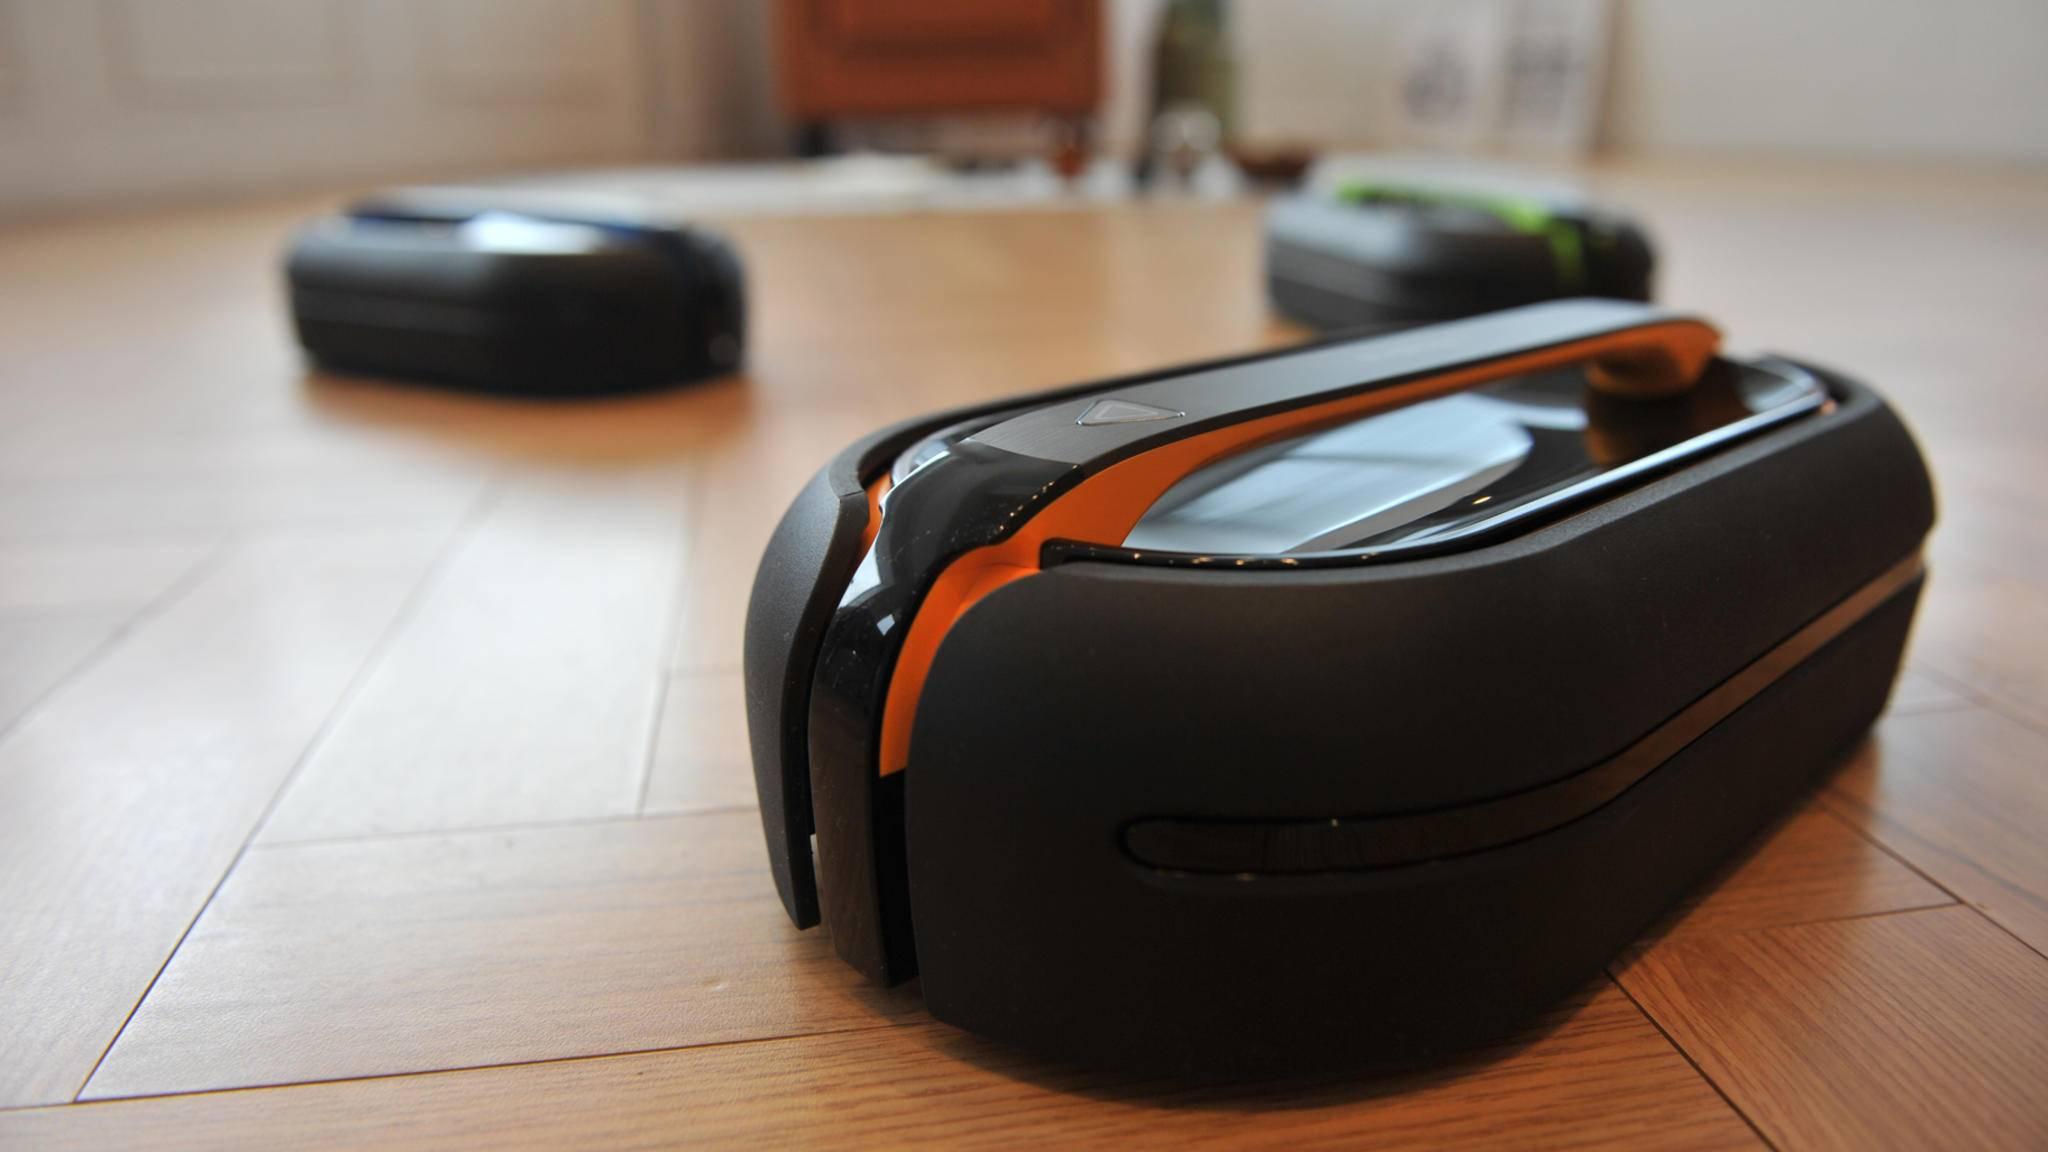 Laut Hersteller ist der Everybot RS700 der ultimative Putzroboter.